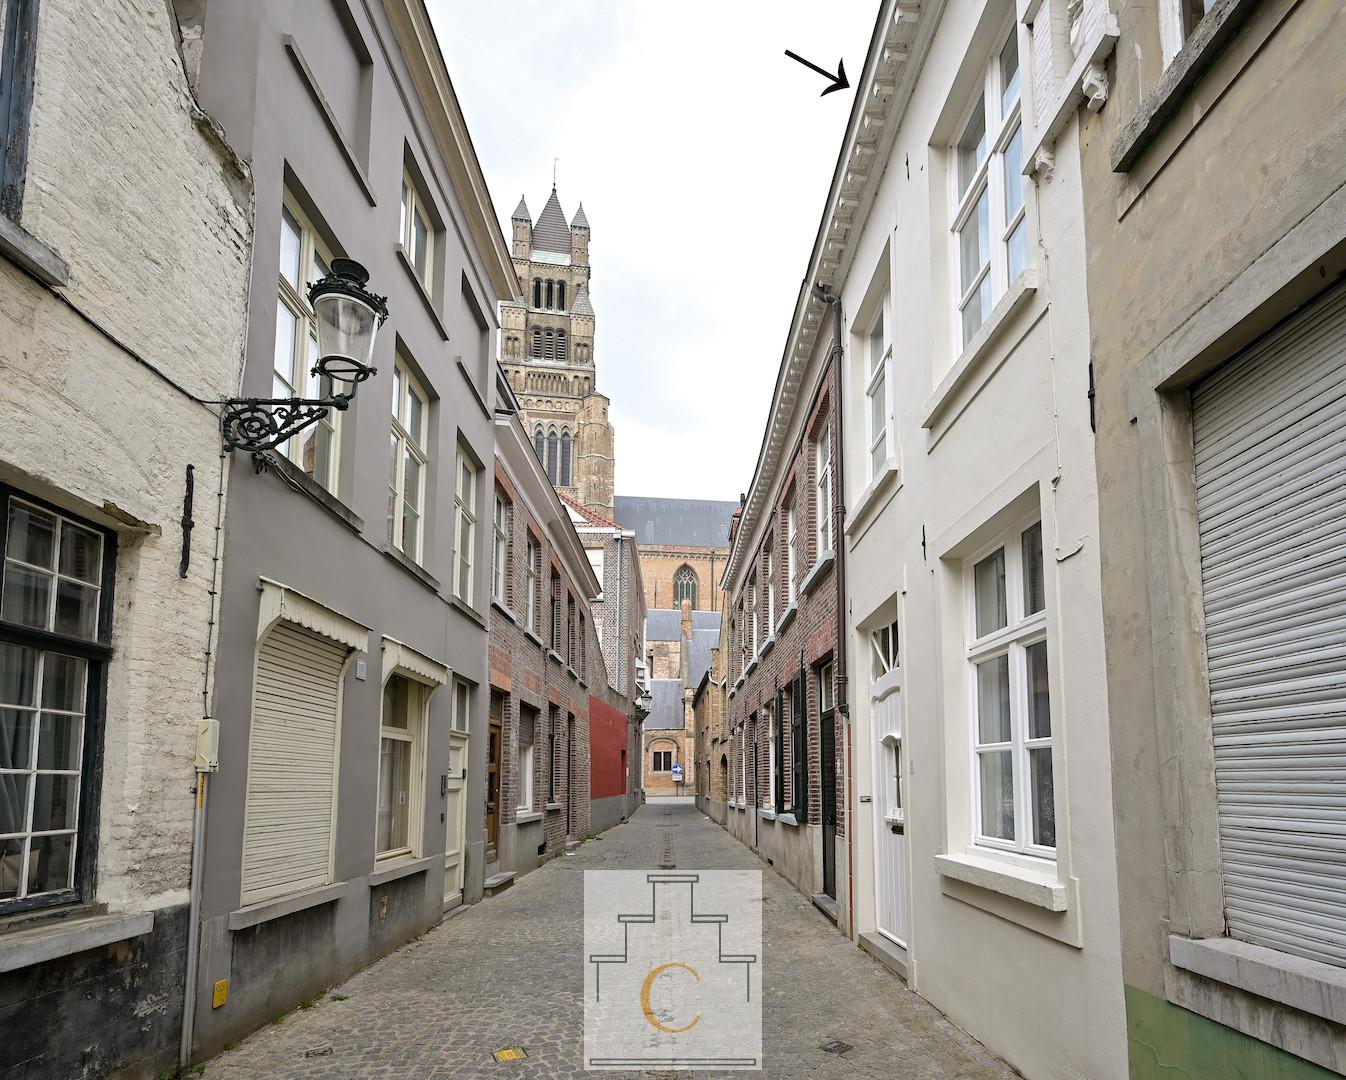 charmant Brugs huis op een idyllische locatie tussen Sint Salvators en het Bisschoppelijk Paleis